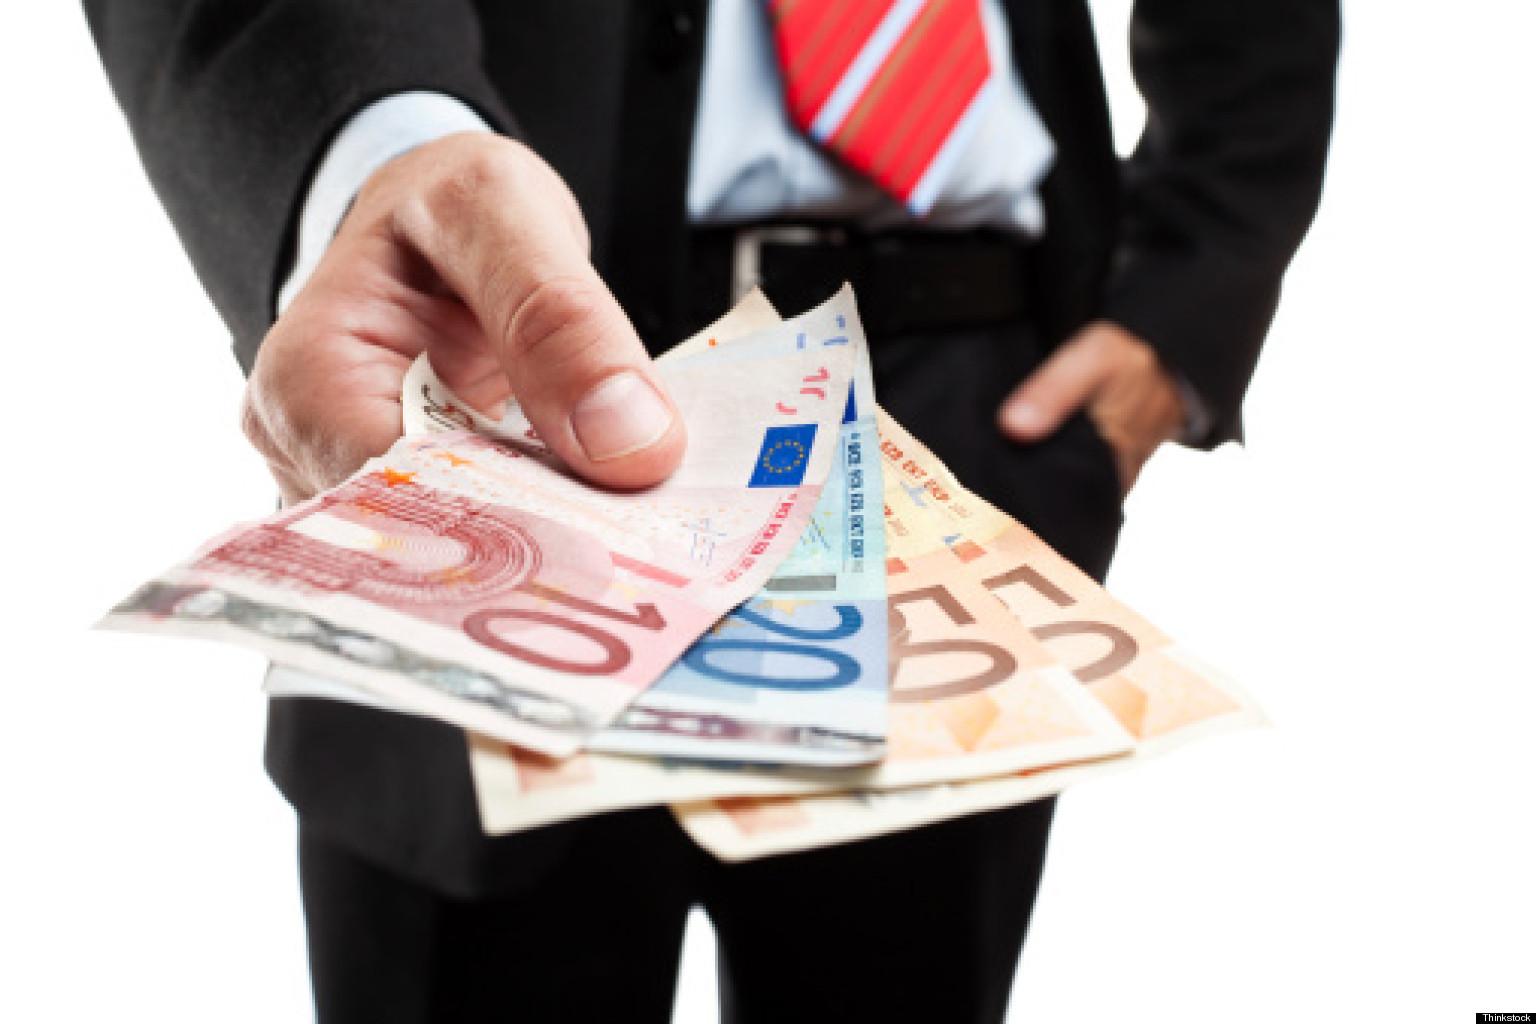 Prestito per il consolidamento debiti: cos'è e come funziona